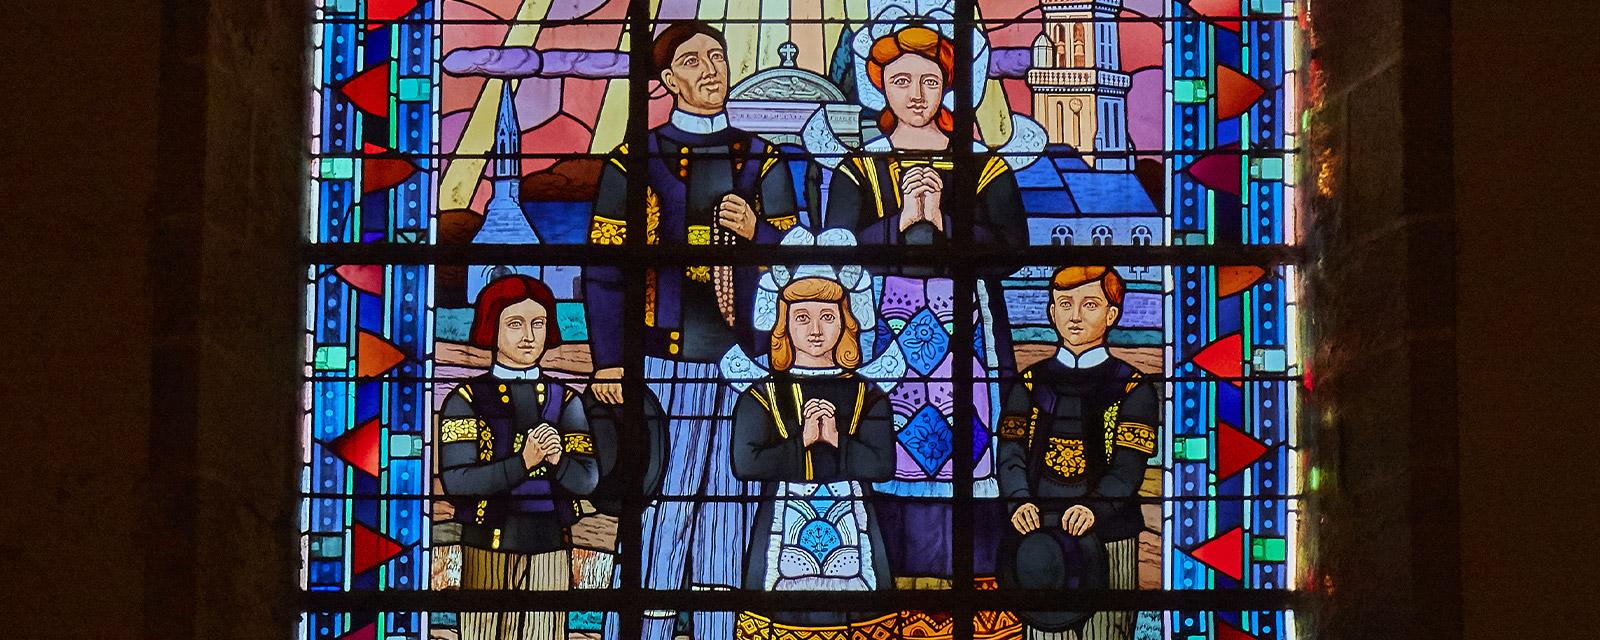 Le costume Melenig représenté sur un vitrail de l'église d'Elliant